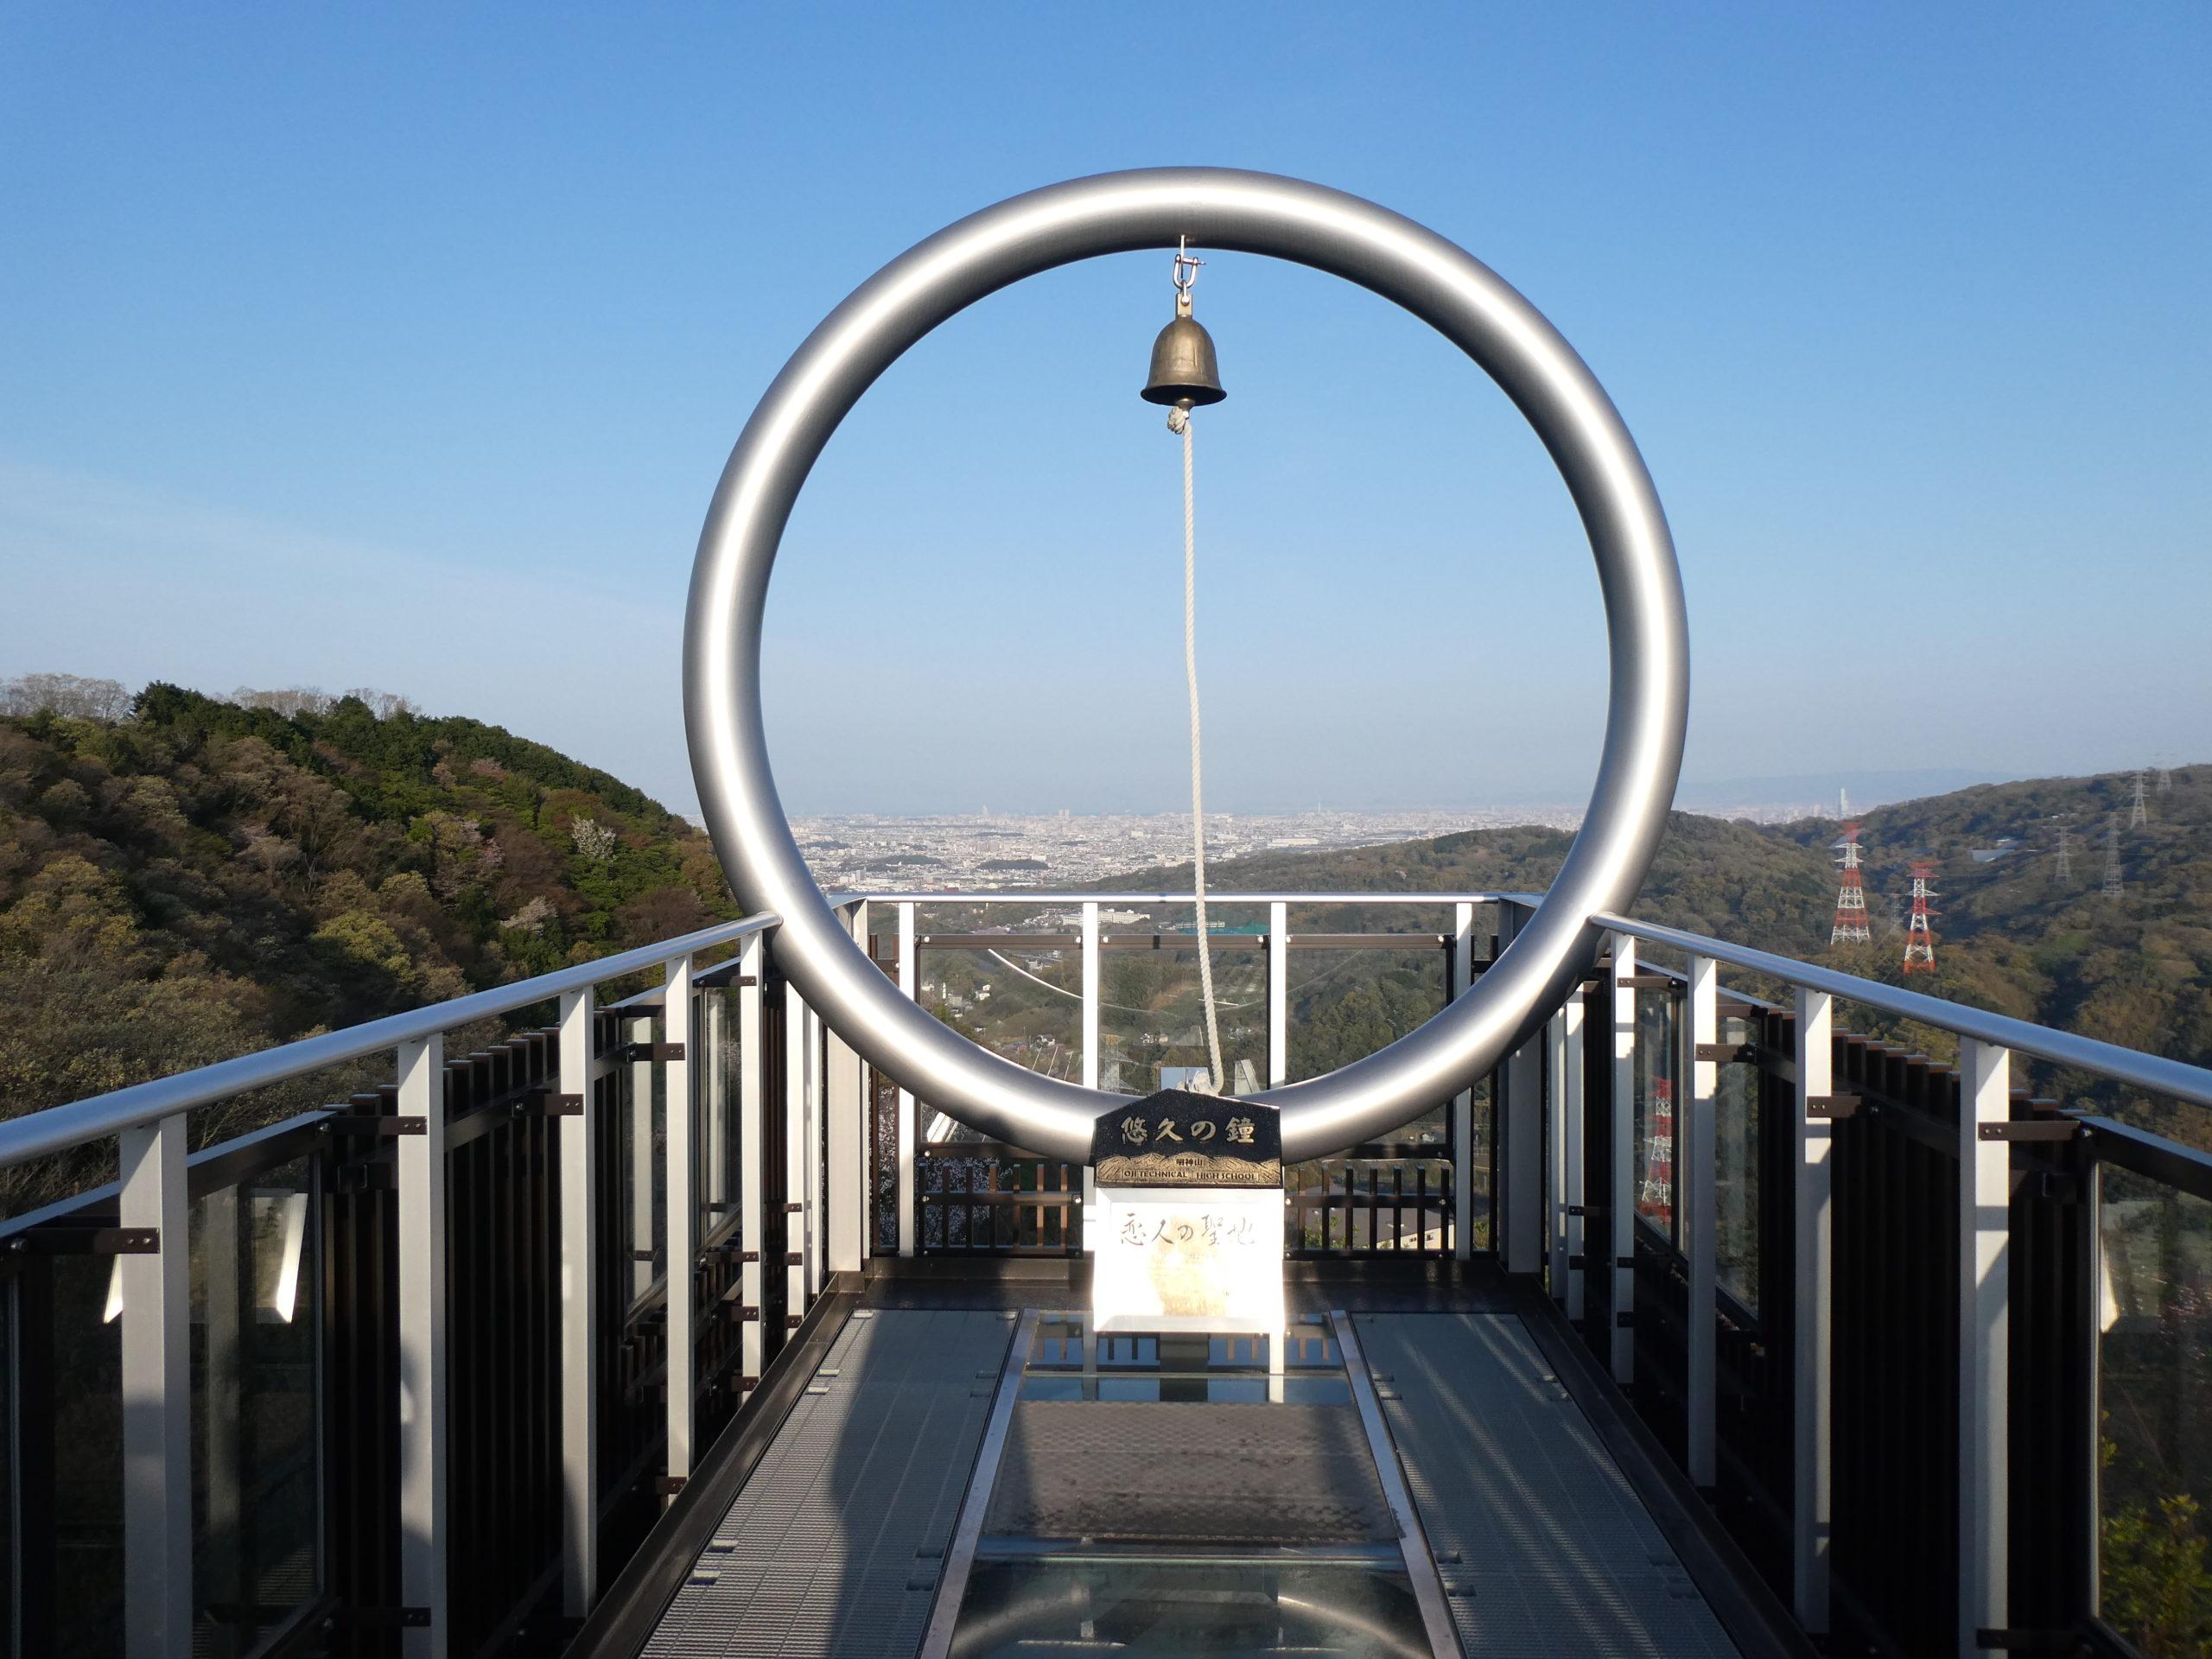 明神山 ハイキングコース 展望台 悠久の鐘